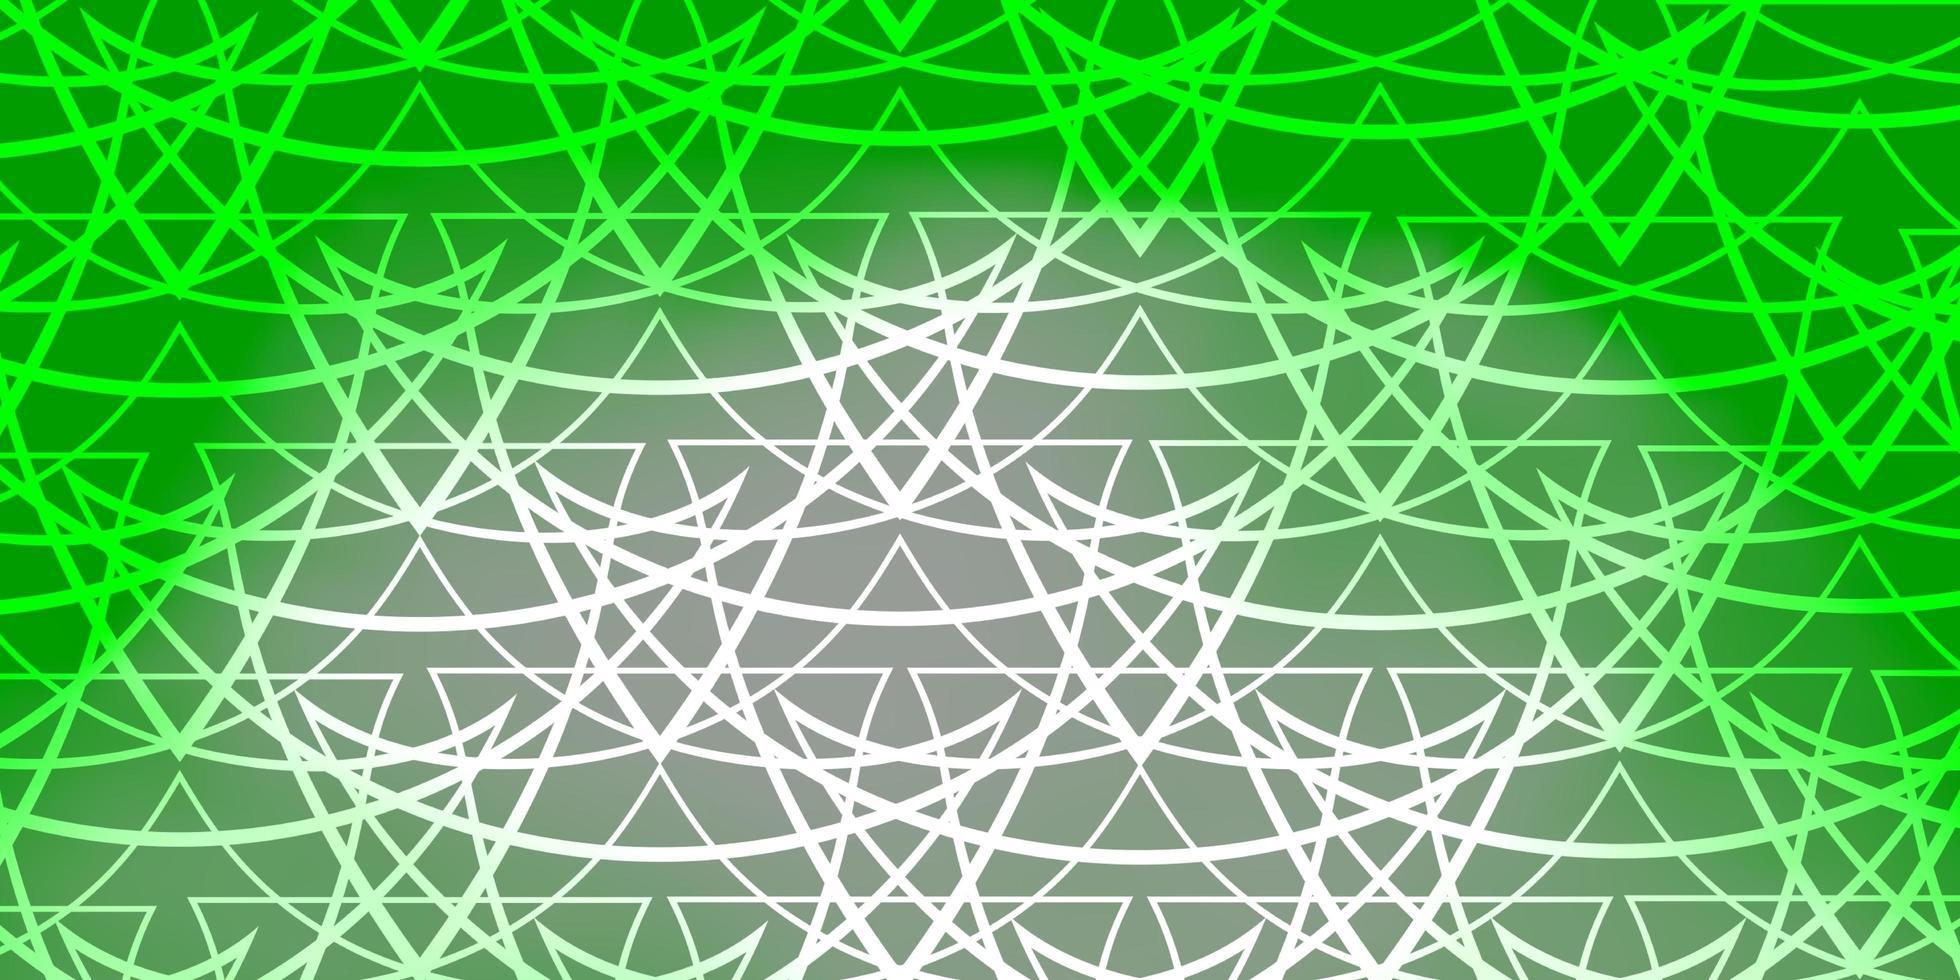 ljusgrön vektorbakgrund med linjer, trianglar. vektor